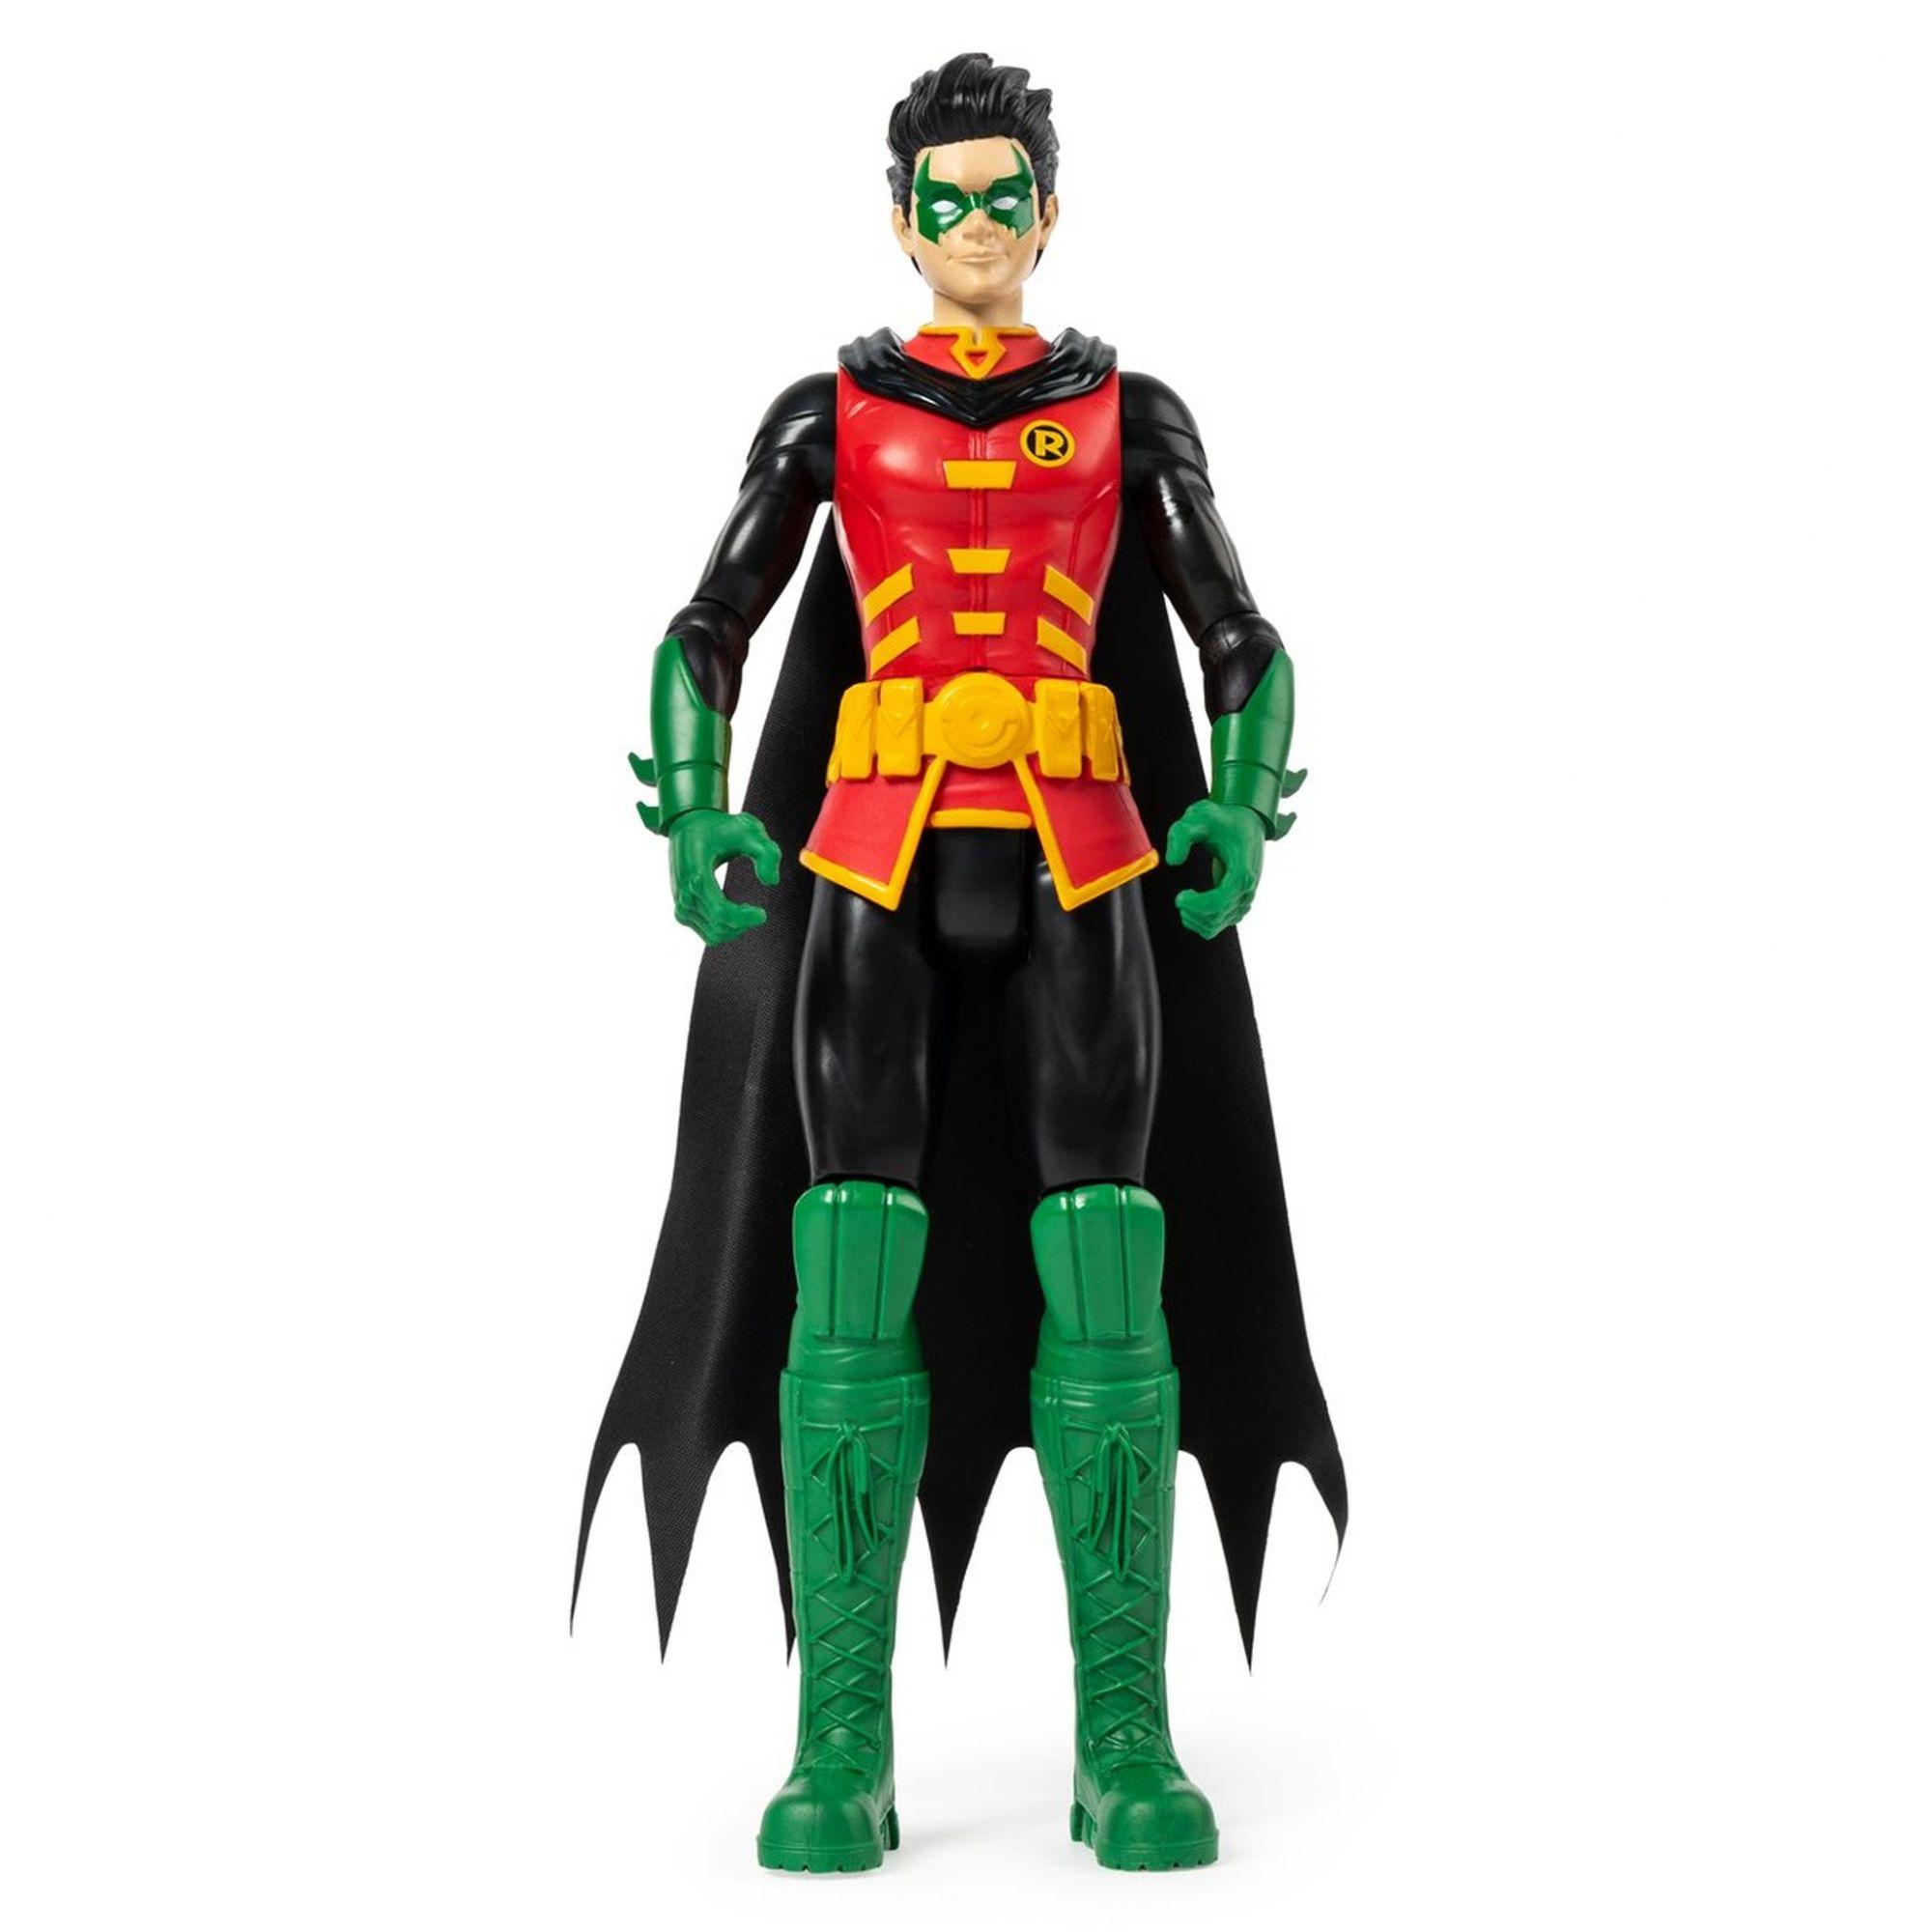 Boneco Robin Gotham City Dc Comics Series - Sunny 2180